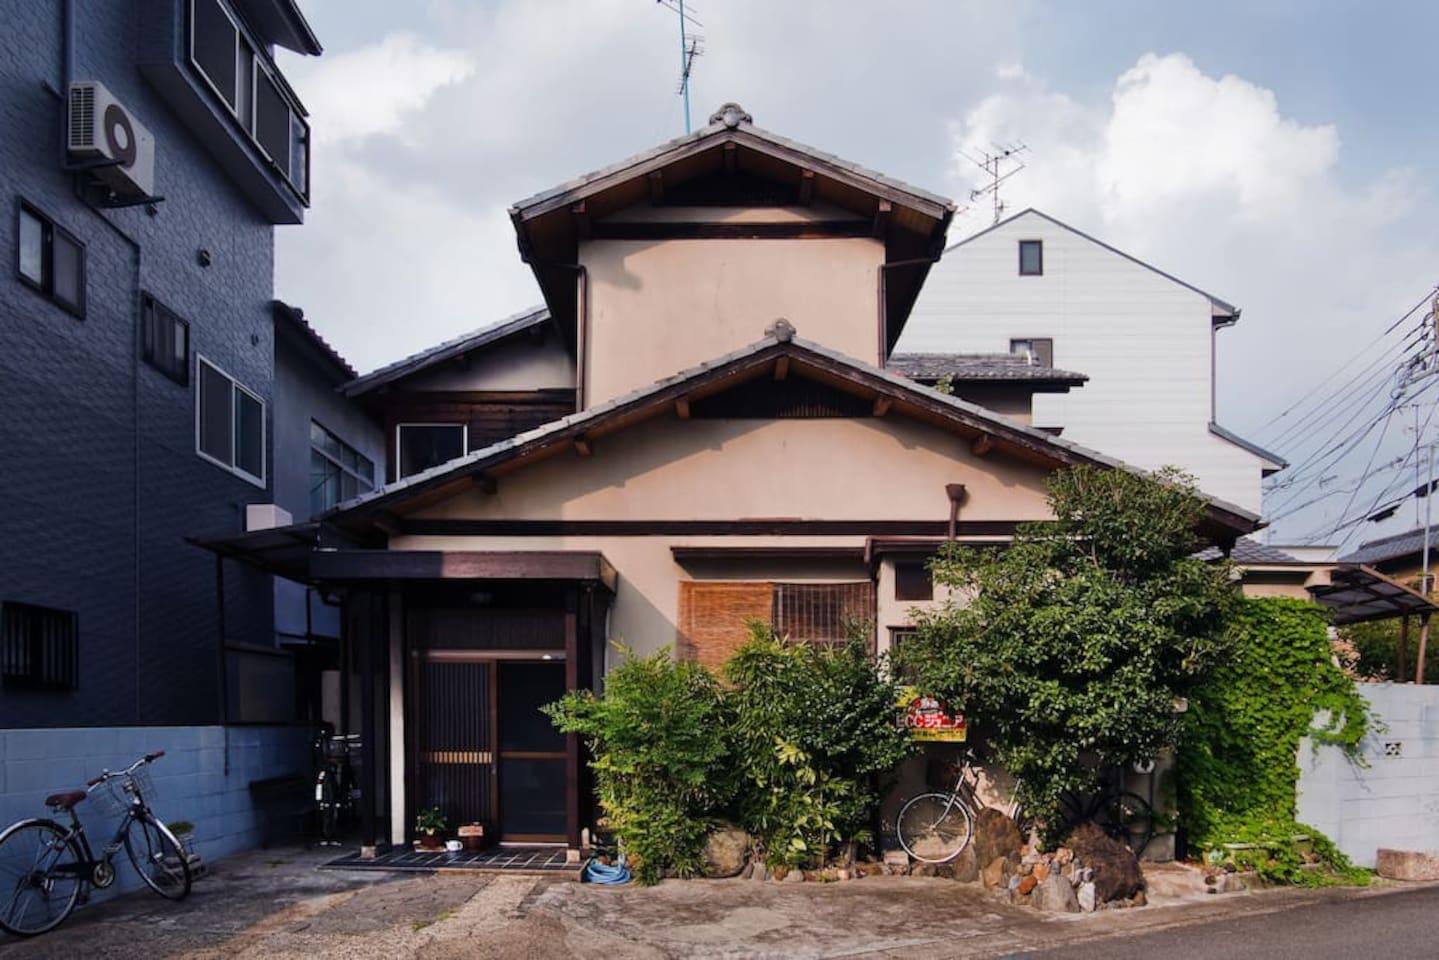 こちらが、家です。築50年以上の日本家屋です。ご近所はとても静かです。